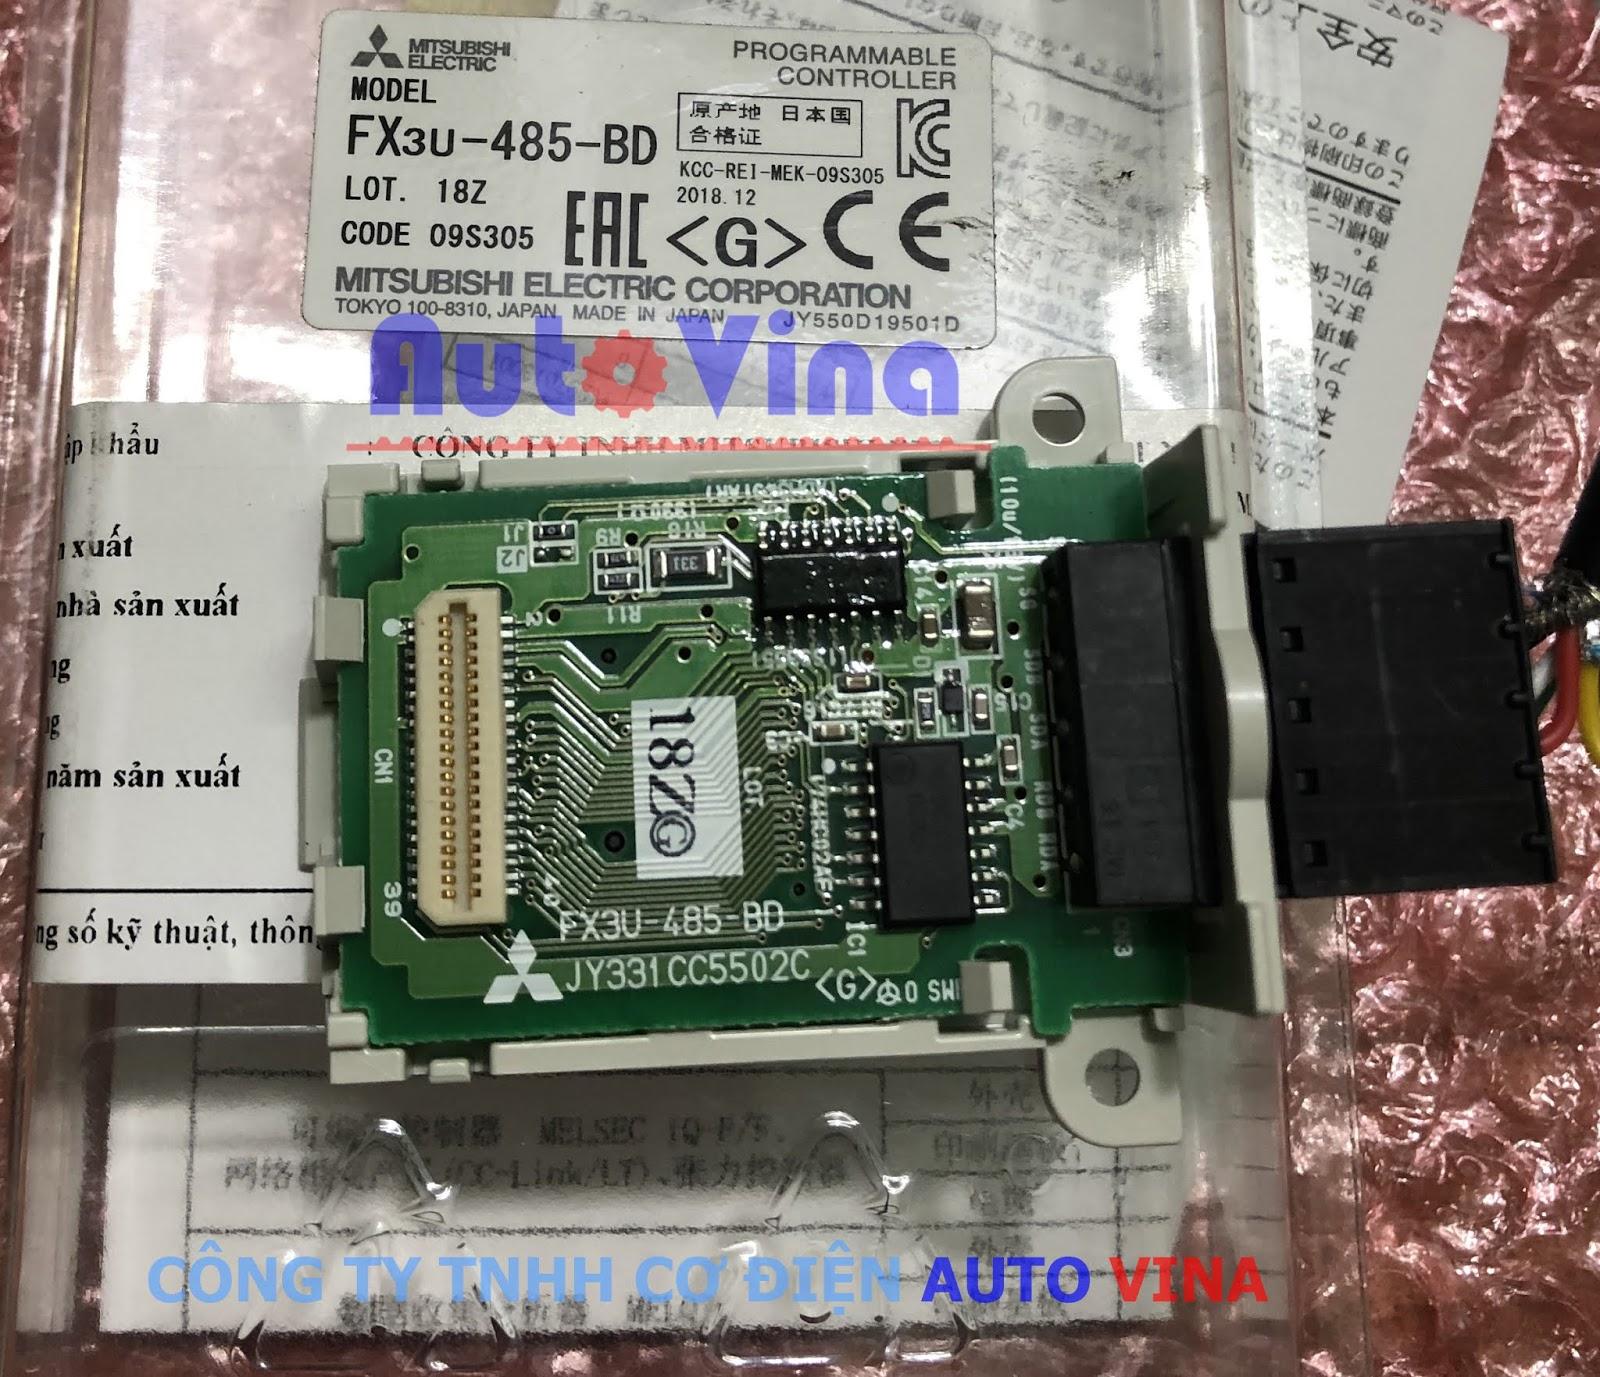 RS-485 communication expansion board FX3U-485-BD mở rộng cổng truyền thông cho PLC Mitsubishi